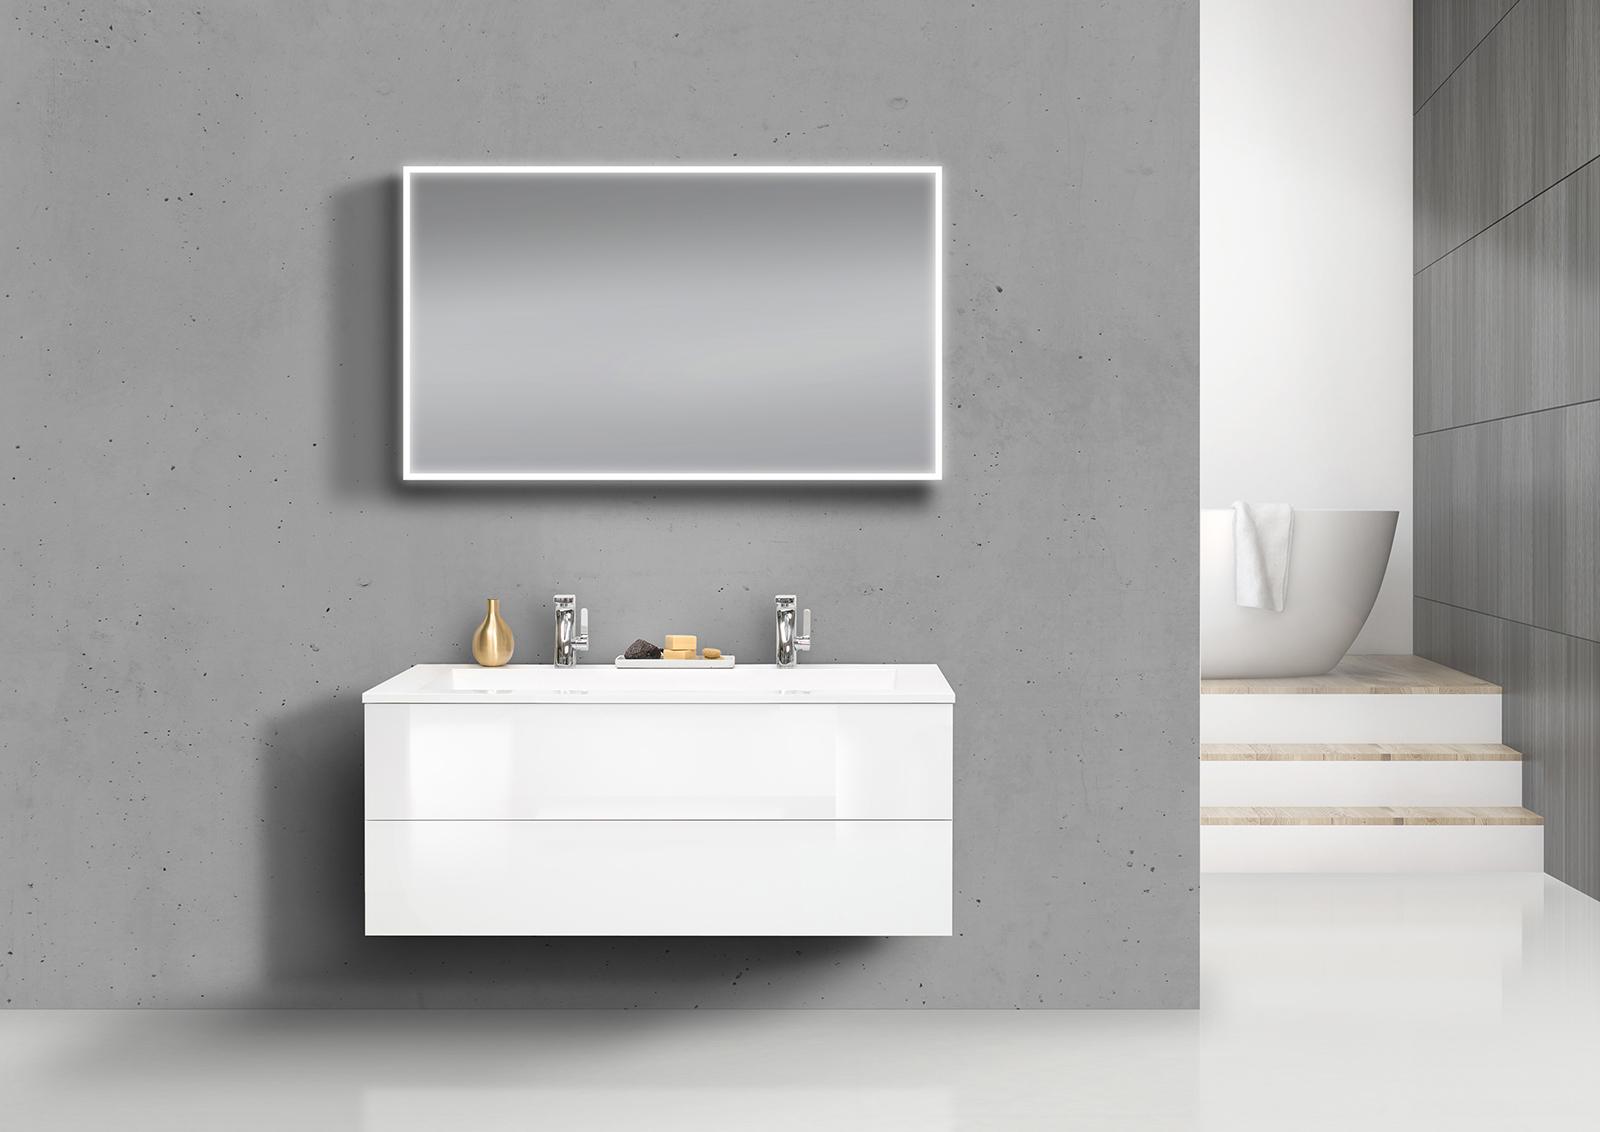 badm bel grifflos doppelwaschtisch 120 cm mit unterschrank und led lichtspiegel wei hochglanz. Black Bedroom Furniture Sets. Home Design Ideas